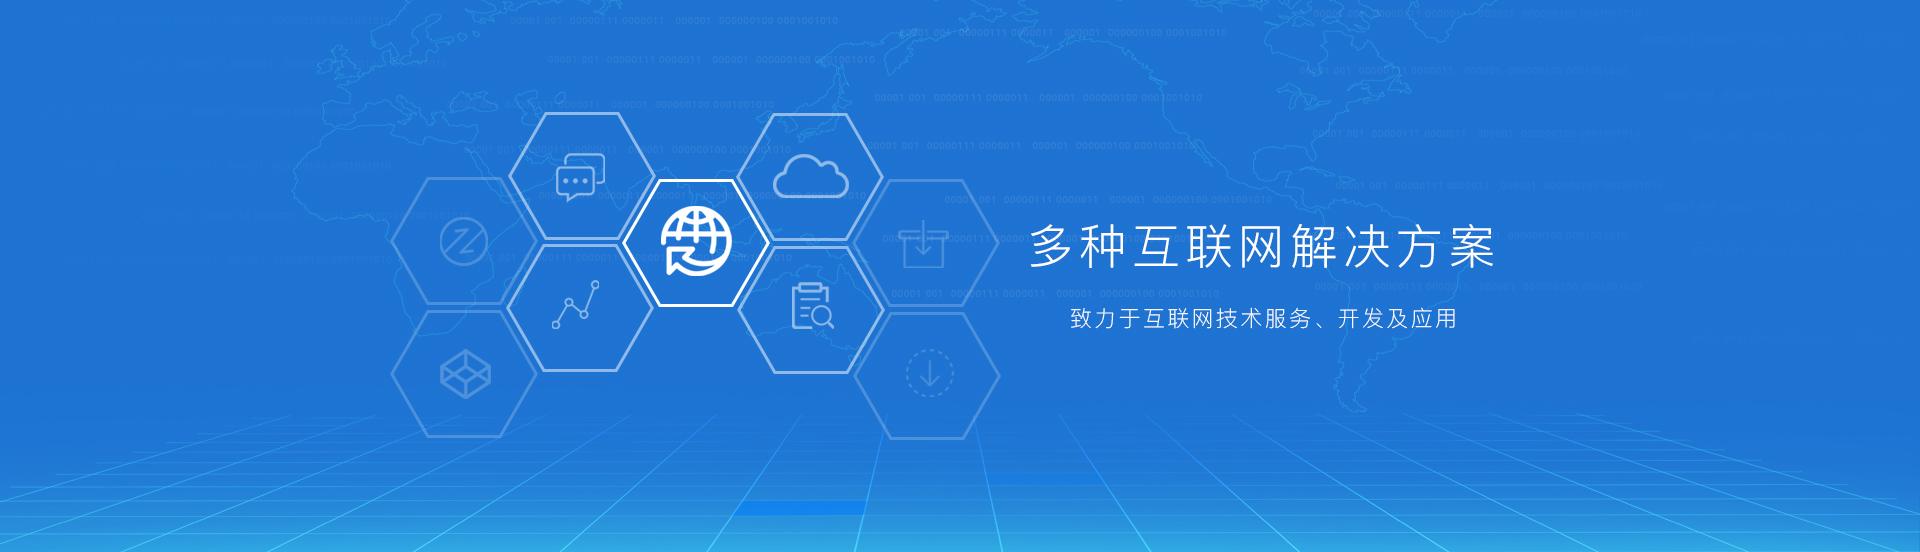 河南鸿翎信息科技有限公司